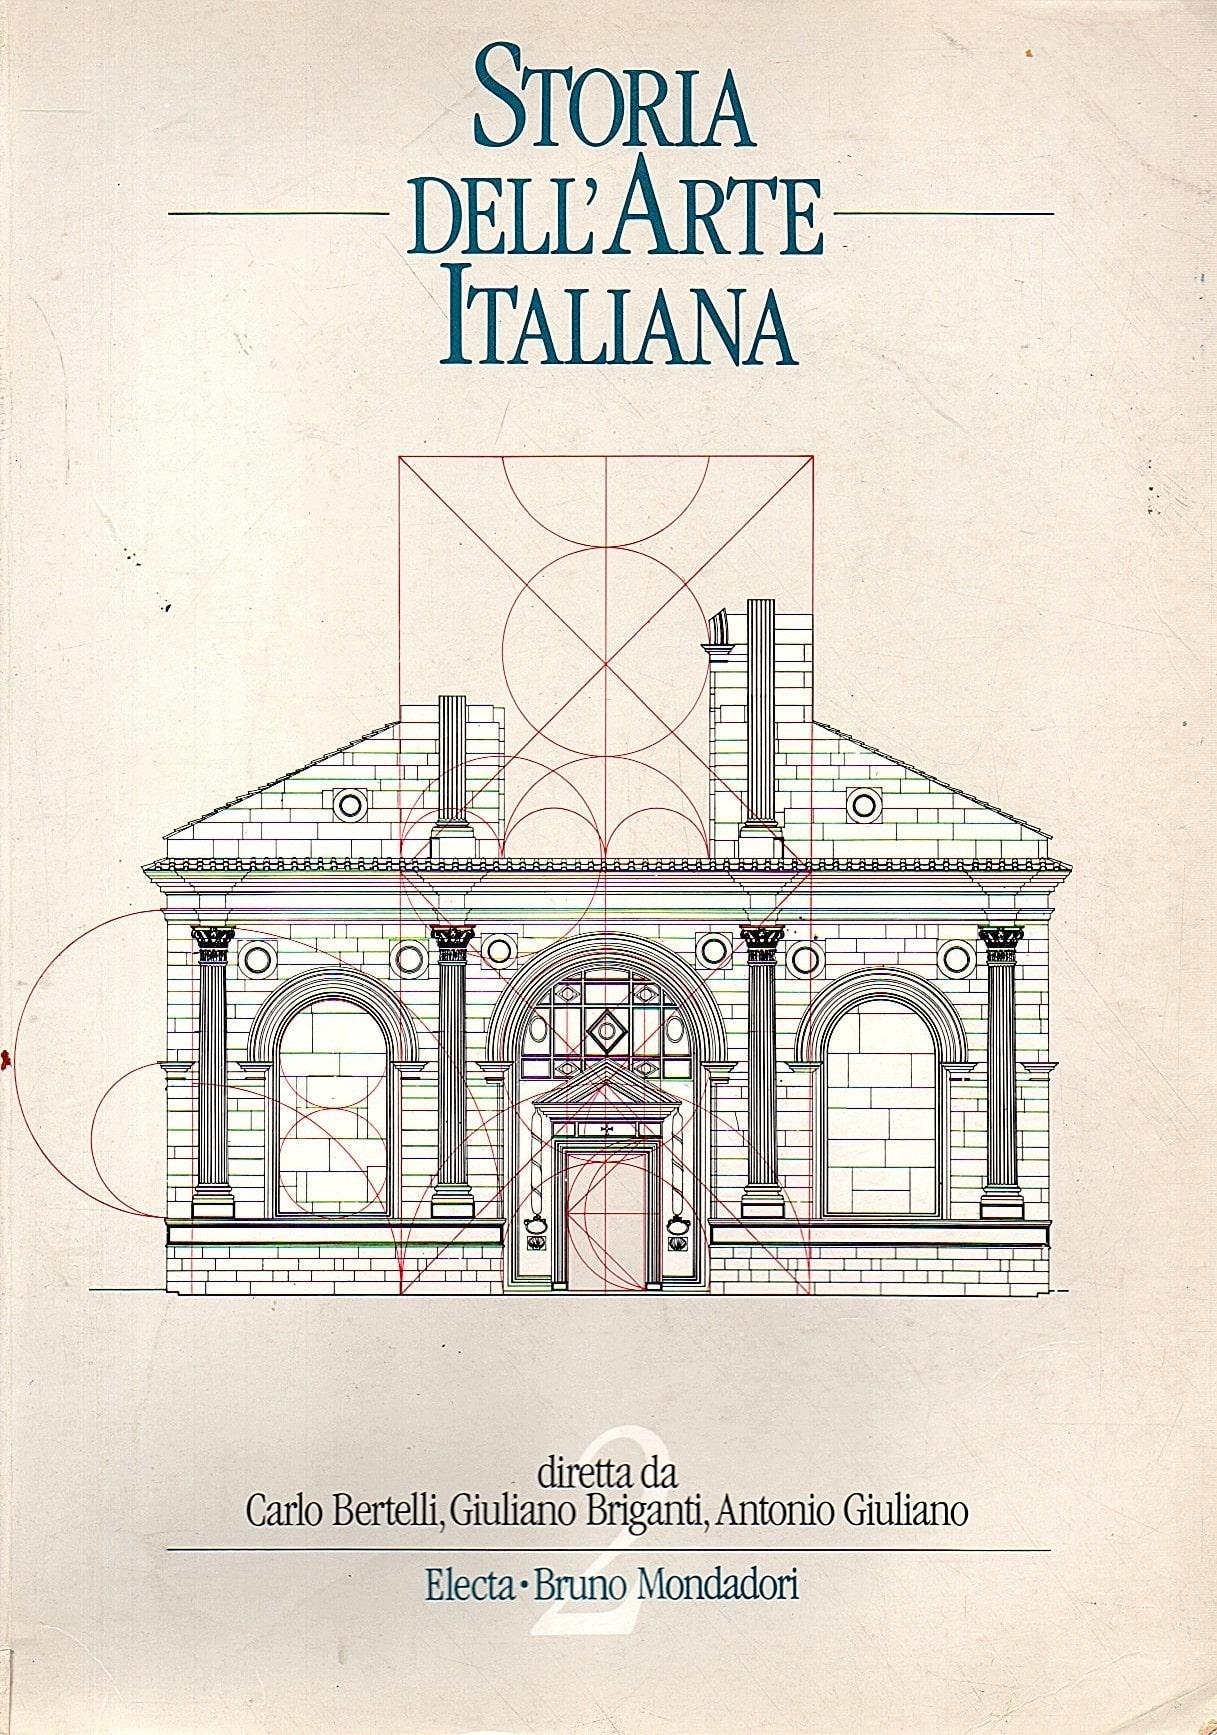 Copertina del libro Storia dell'arte italiana di Bertelli, Briganti e Giuliano